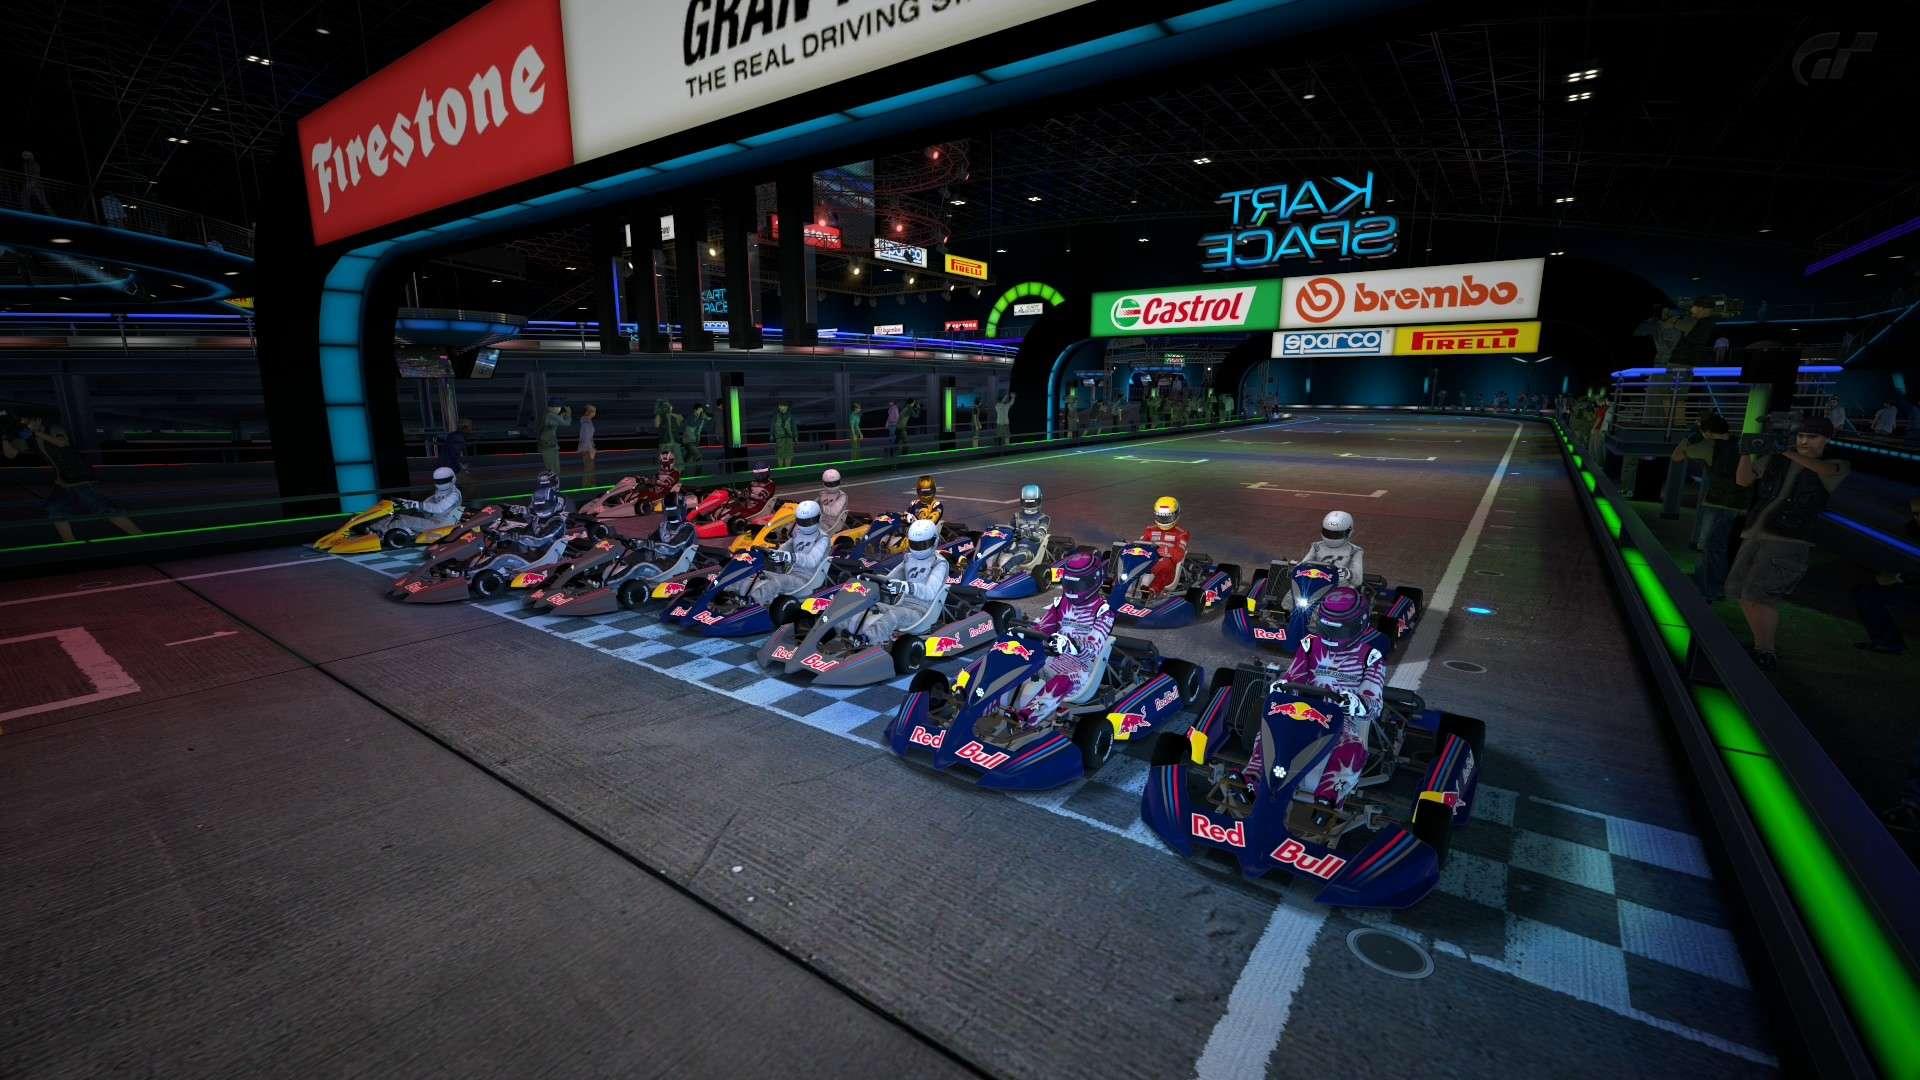 Crónica del Red Bull Racing Kart en Kart Space  Kart_s34